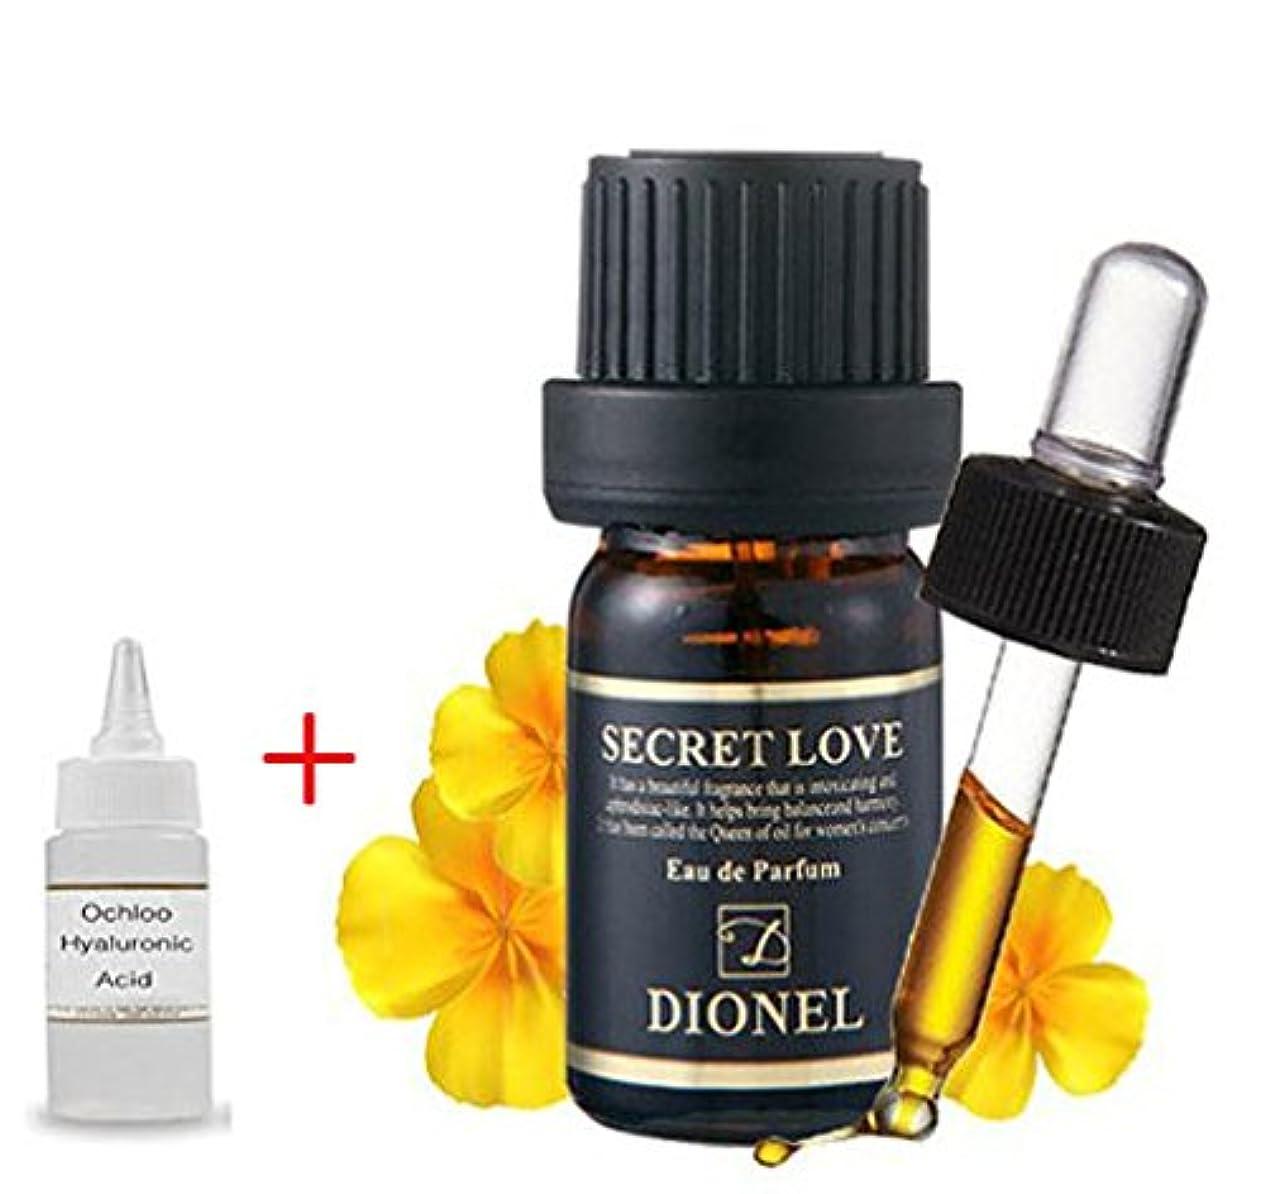 喜んでマラウイ忙しい[Dionel] 香水のような女性清潔剤、プレミアムアロマエッセンス Original Love Secret Black Edition Dionel 5ml. ラブブラックエディション、一滴の奇跡. Made in...